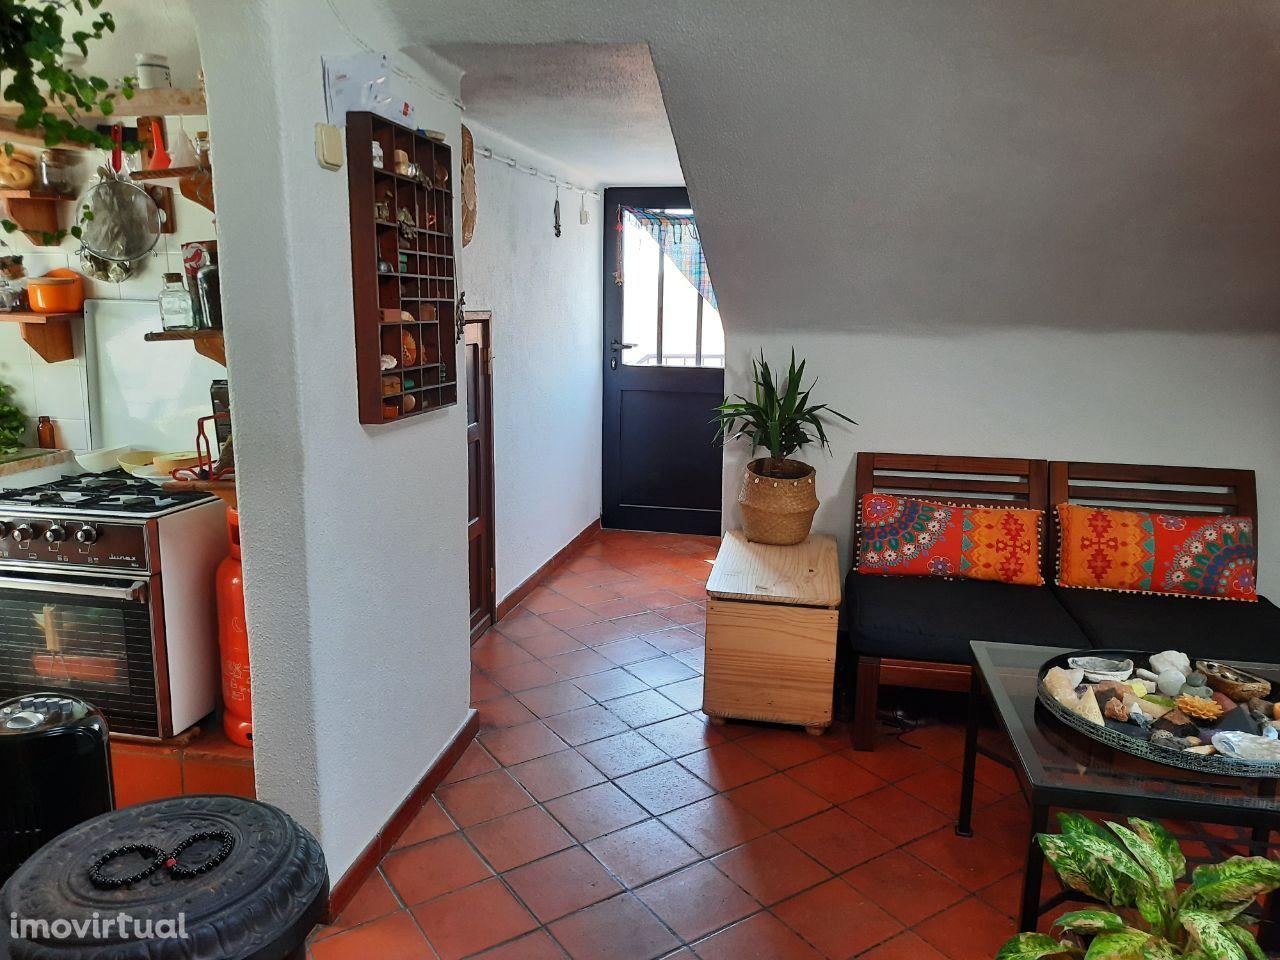 Apartamento T2 - Águas Furtadas - ALMADA - PORTUGAL